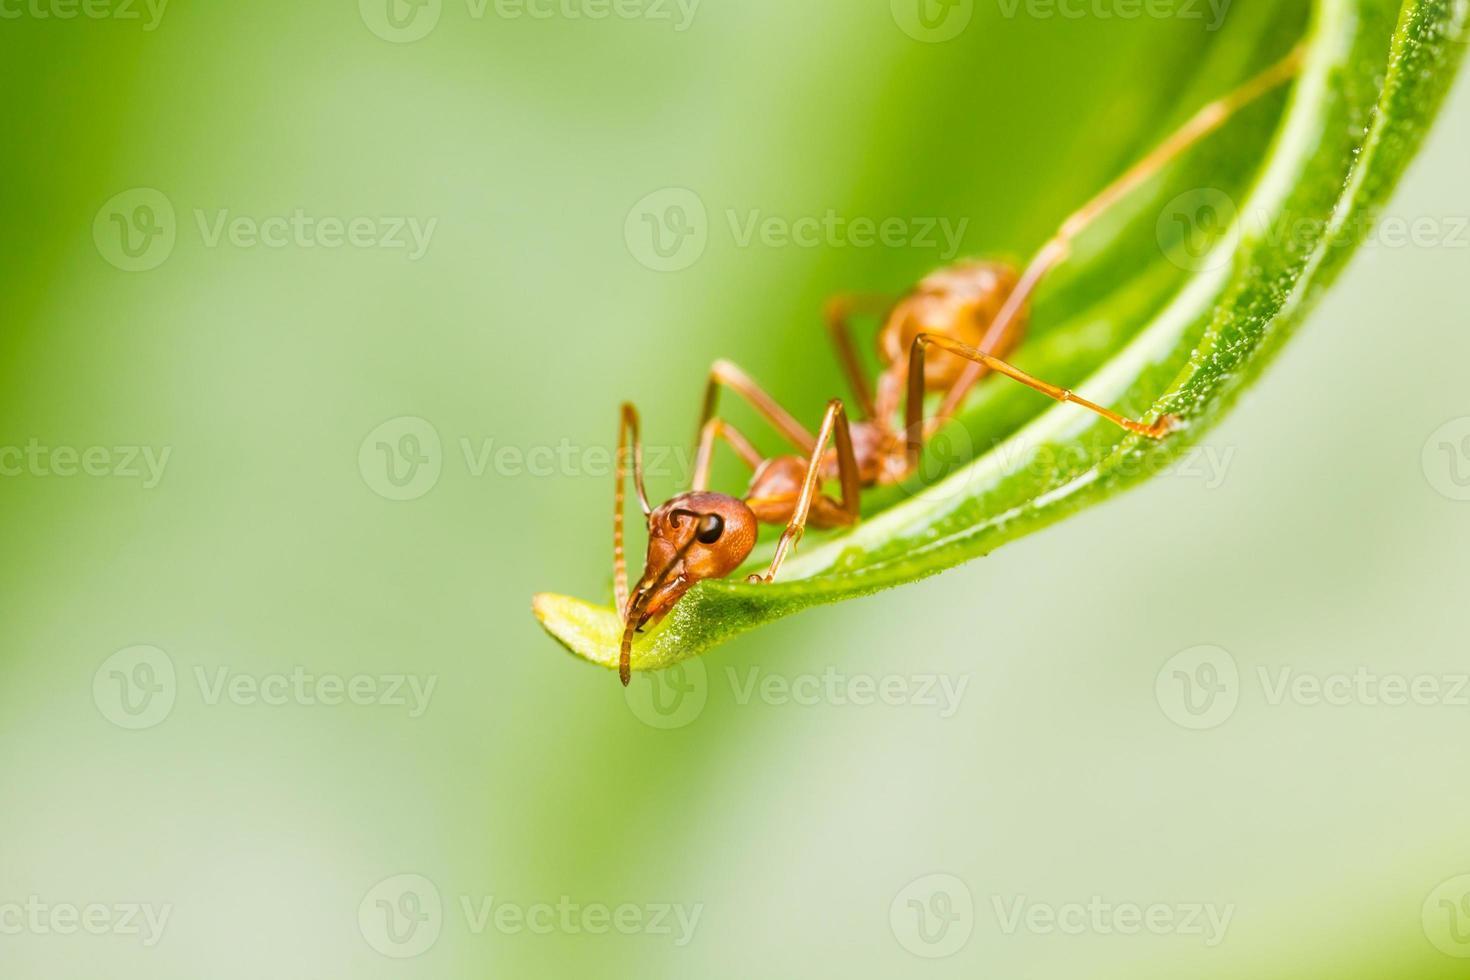 formiga vermelha na folha verde foto